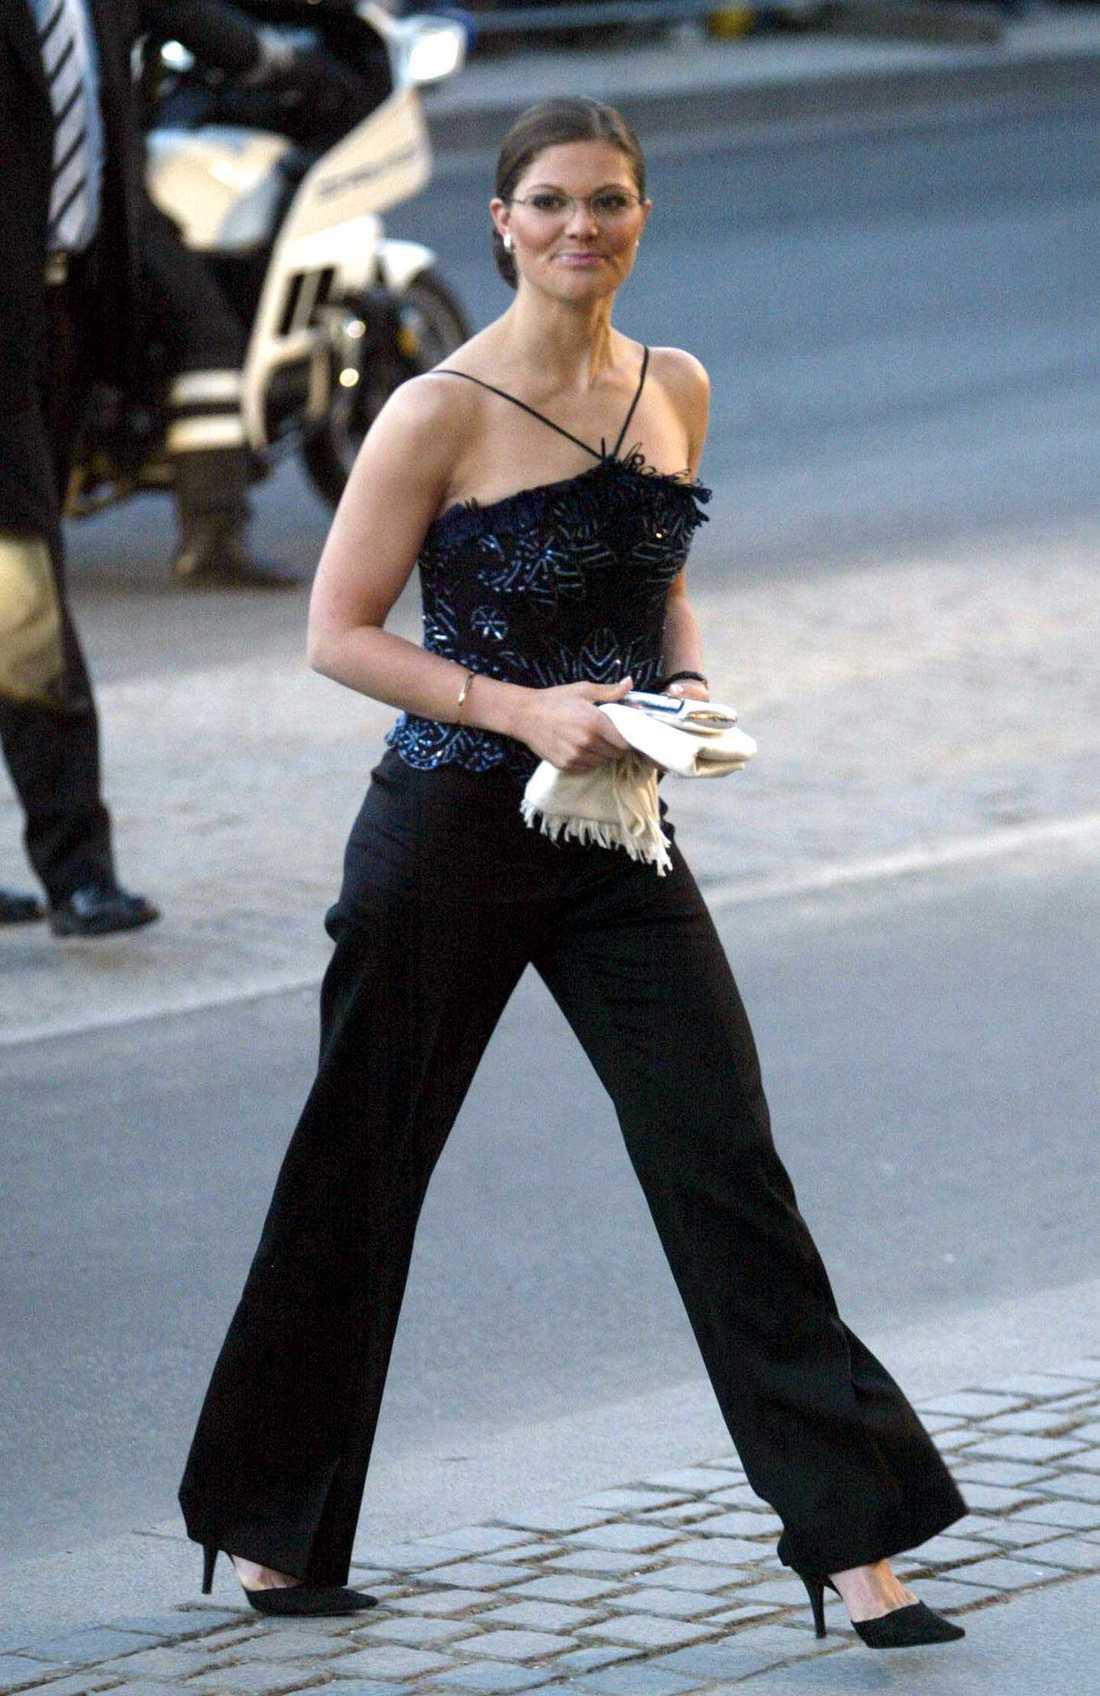 2005 200-årsjubileet av H C Andersens födelse firas på Kungliga teatern i Köpenhamn och kronprinsessan gästar iklädd svarta byxor och glittrig top. Under de här åren väljer hon ofta glasögon .